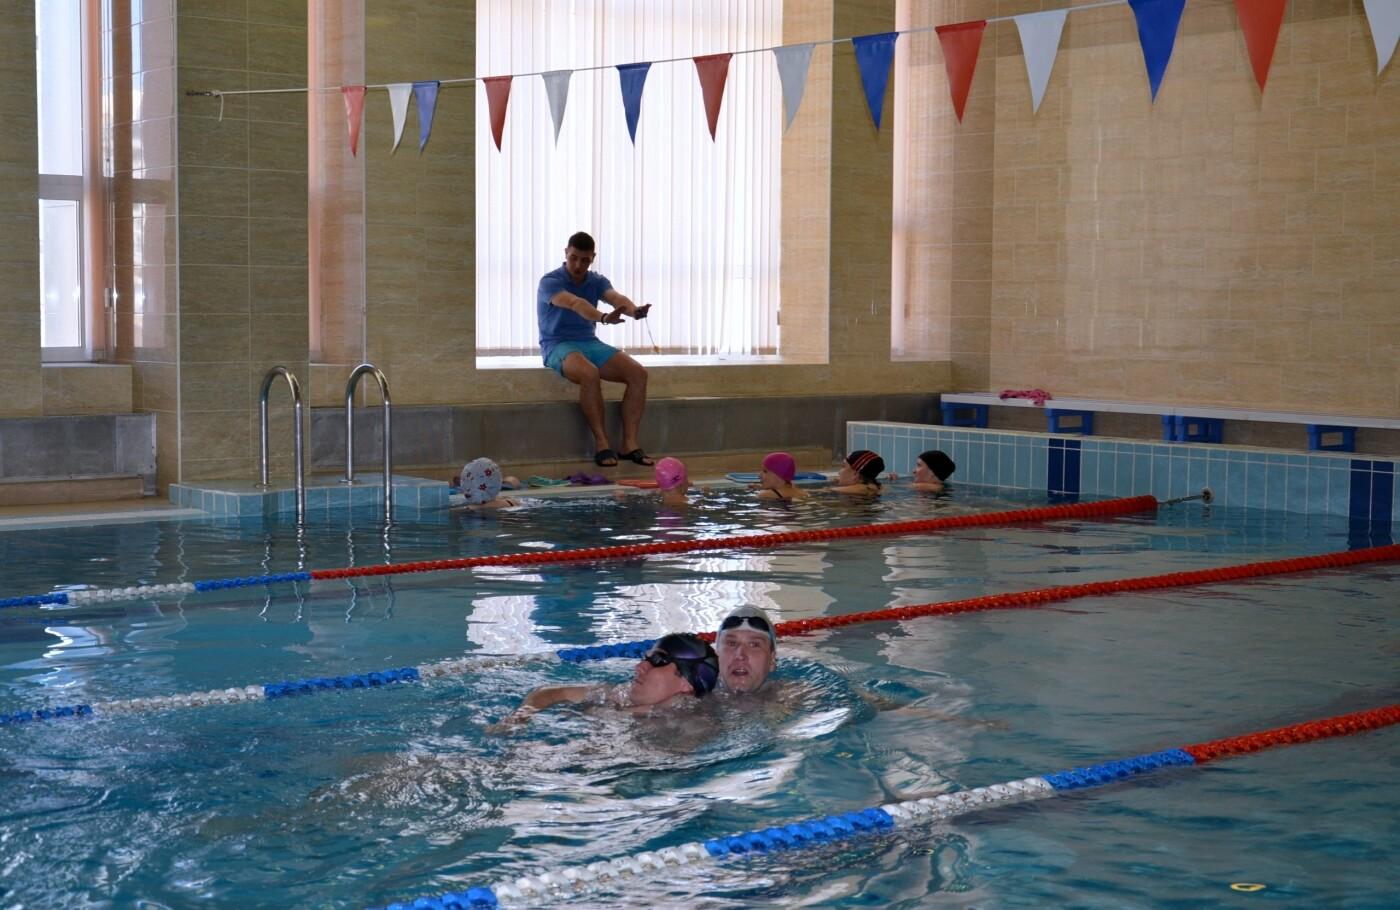 Тамбовские росгвардейцы готовятся к купальному сезону, фото-1